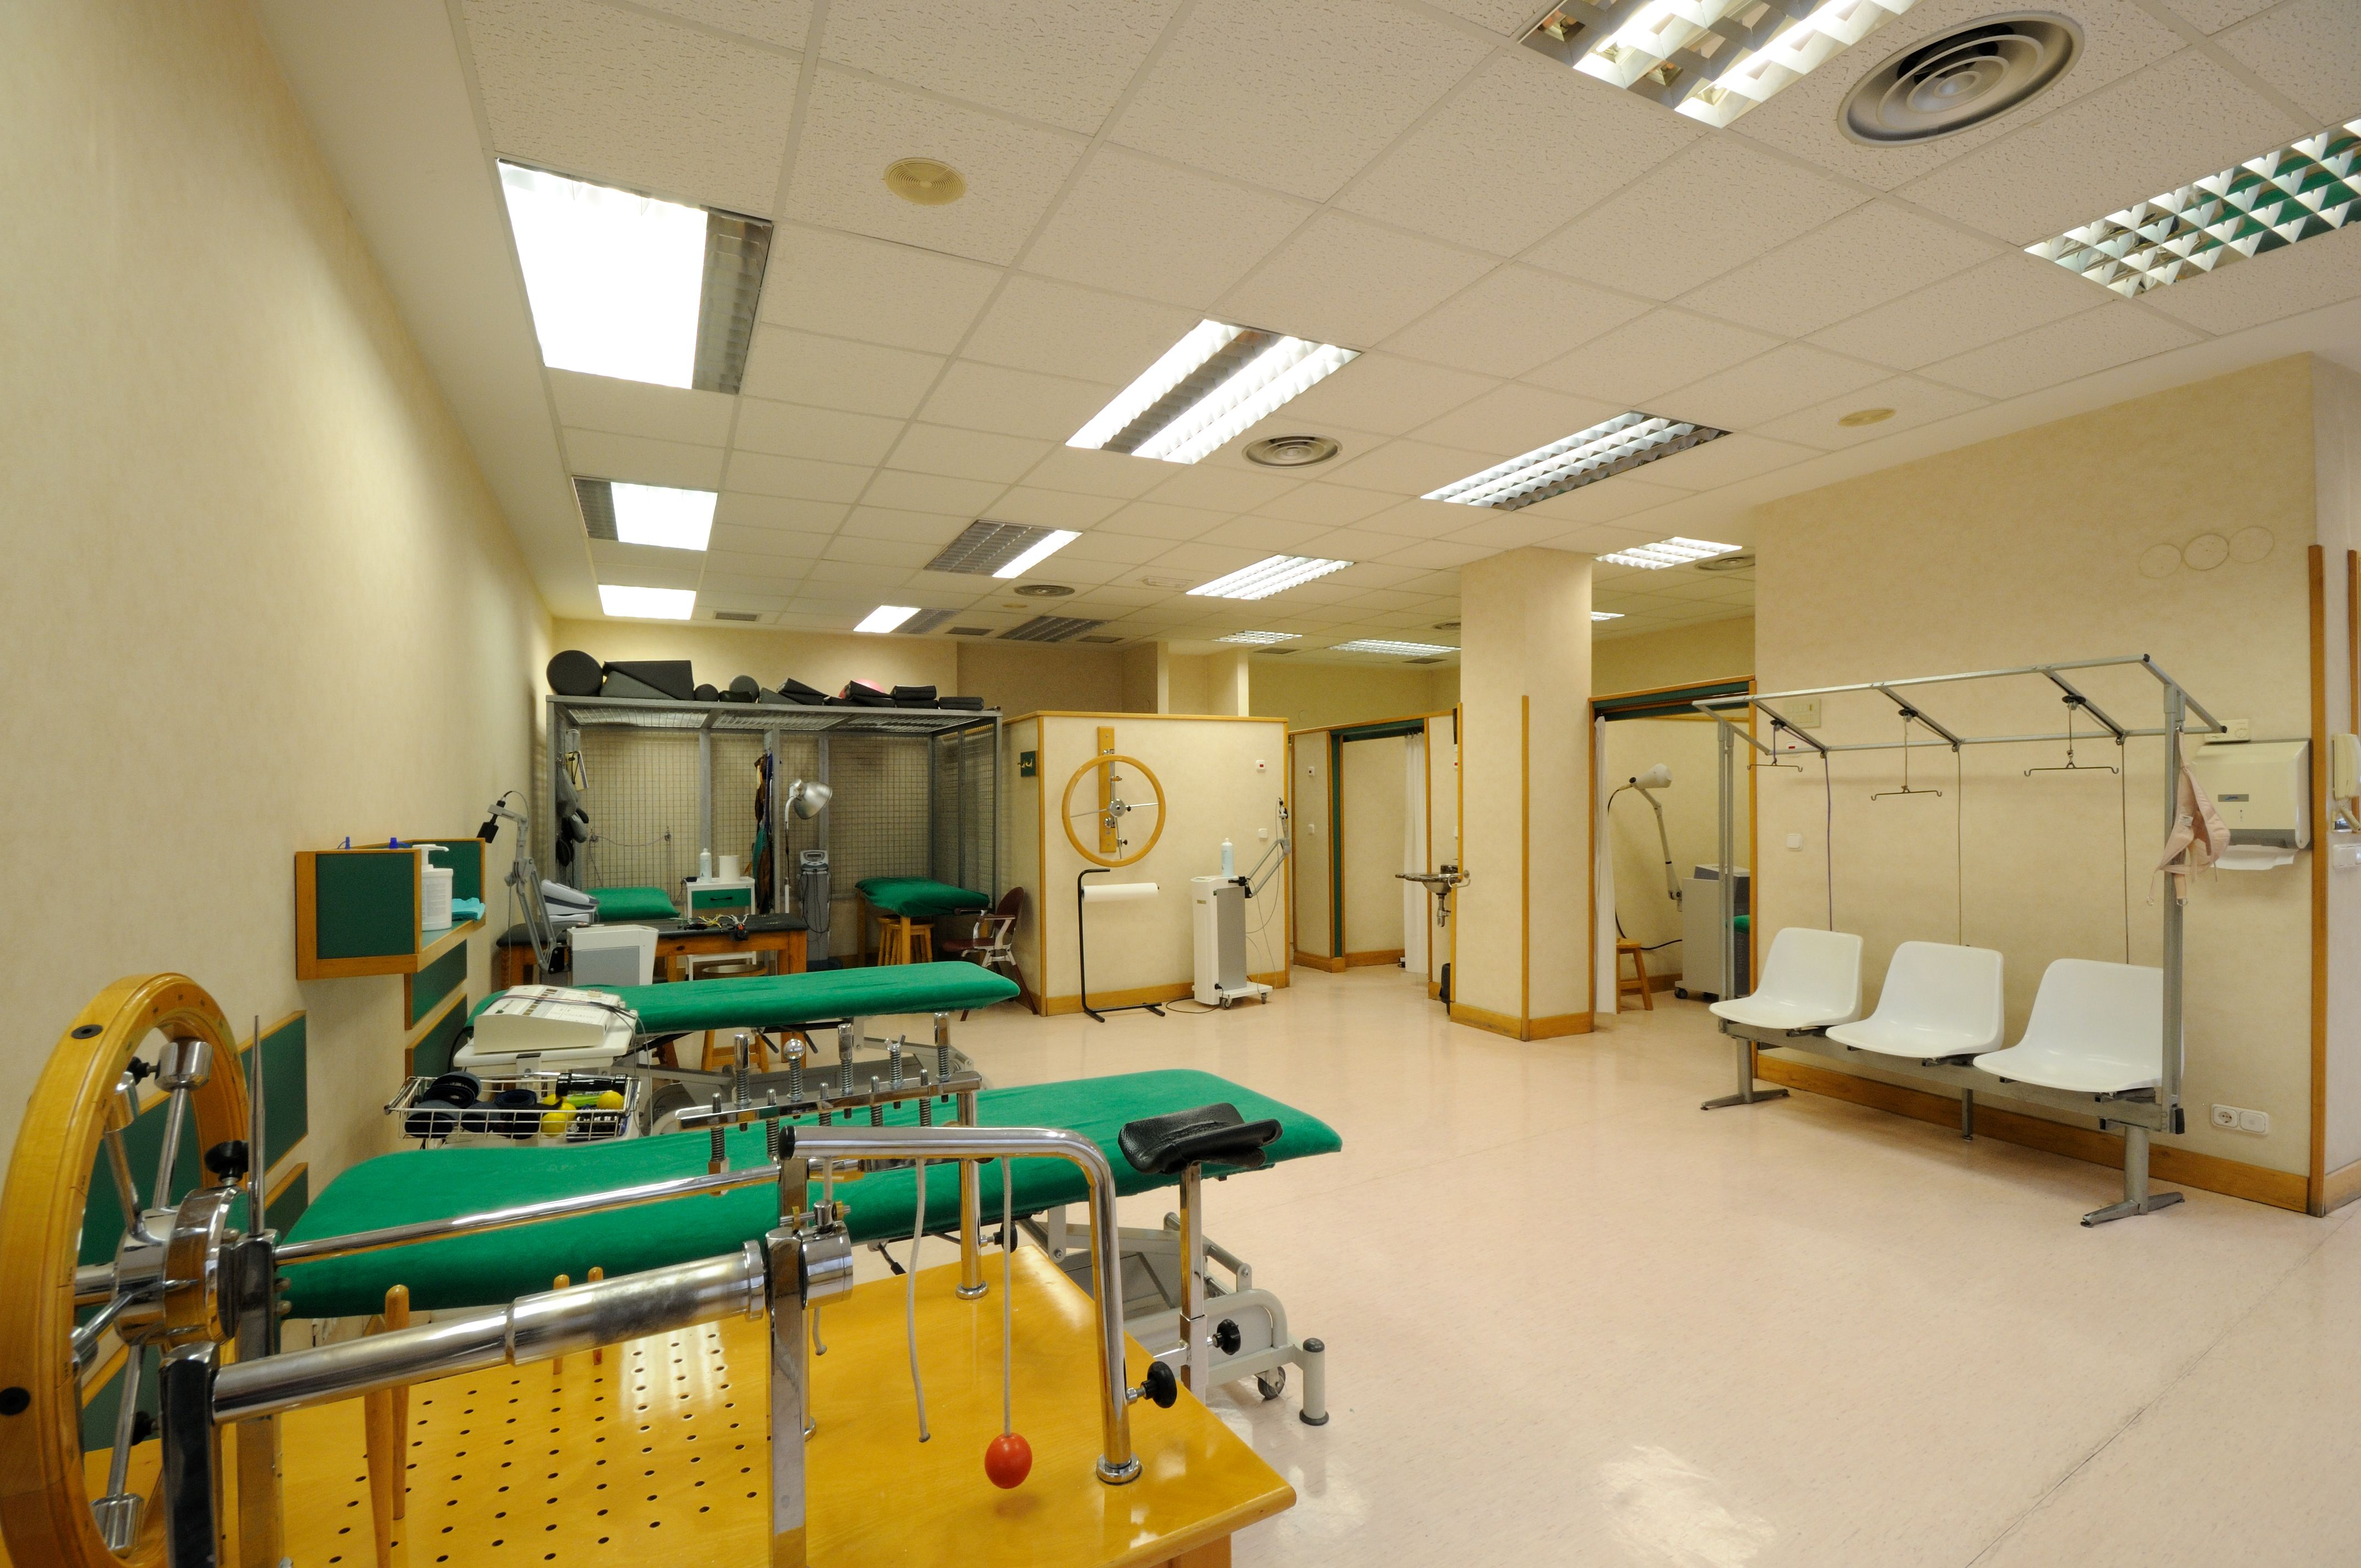 Foto 2 de Fisioterapia en Eibar | Amostegui Rehabilitación